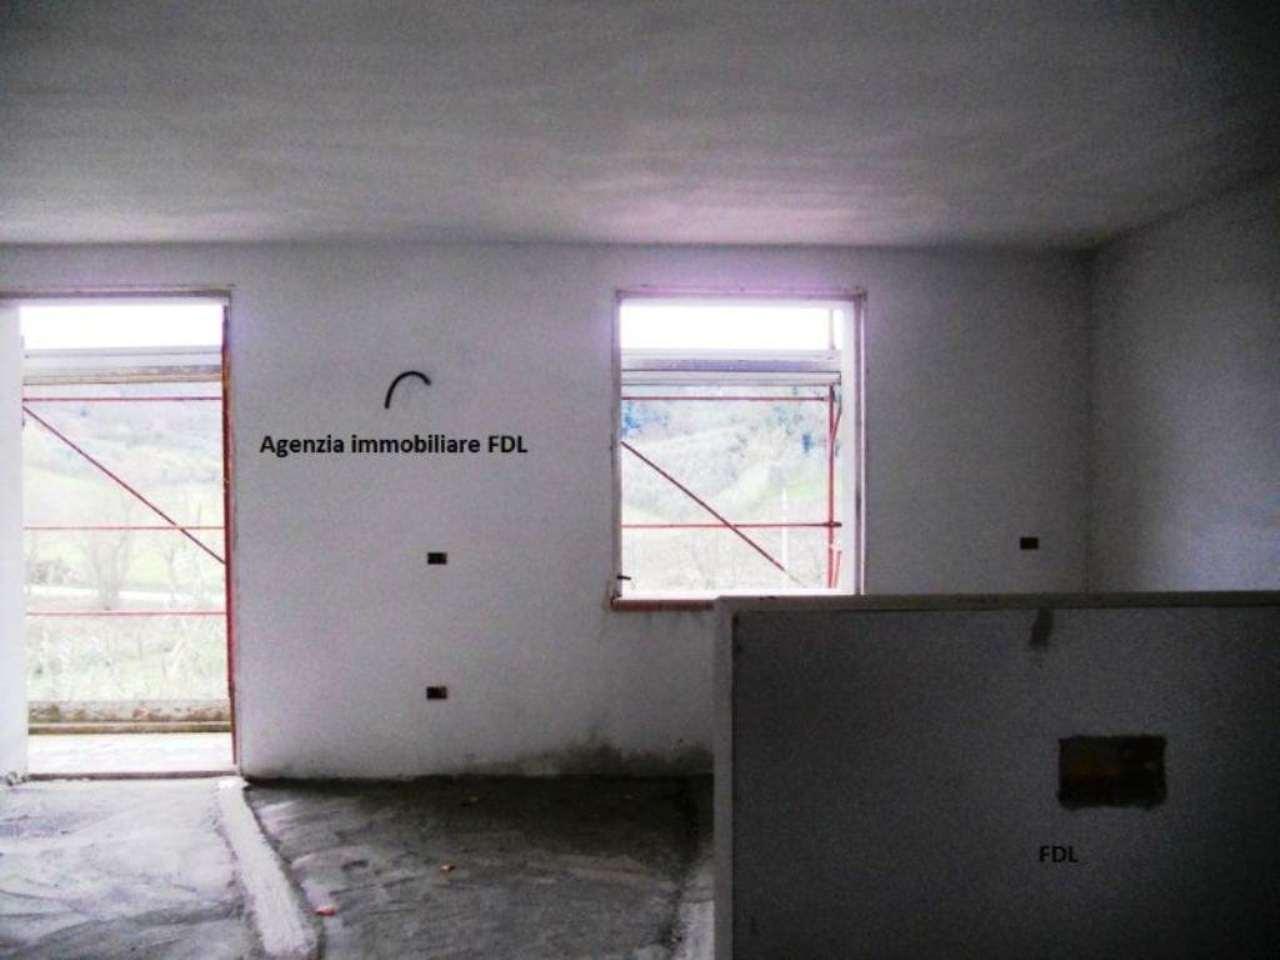 Palazzo / Stabile in vendita a Casciana Terme Lari, 8 locali, prezzo € 112.000 | CambioCasa.it